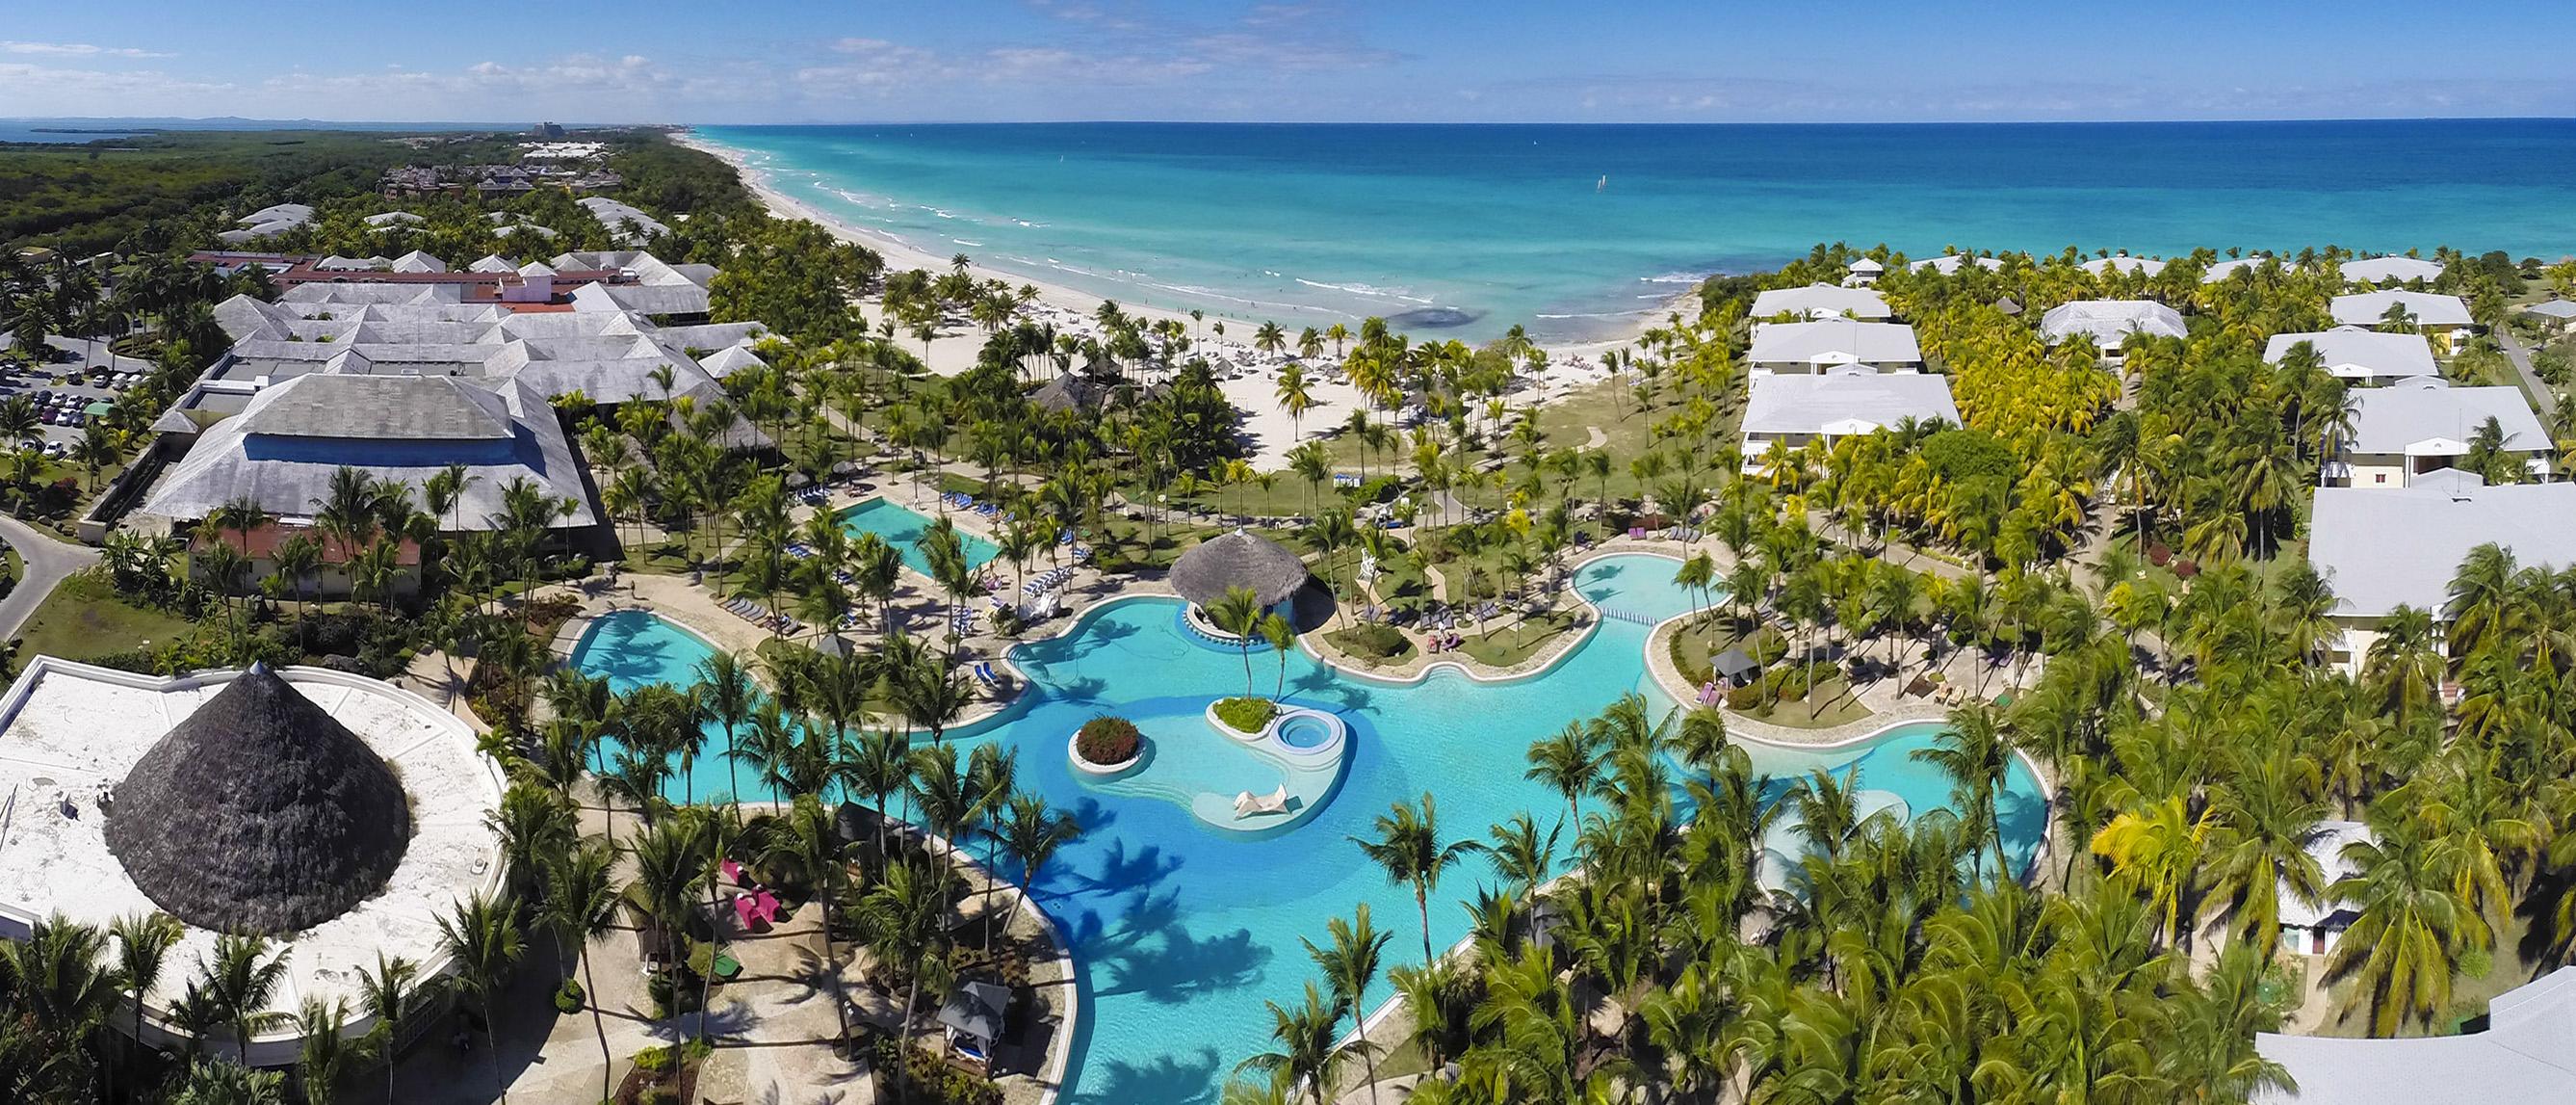 Luxury Family Hotels In Cuba